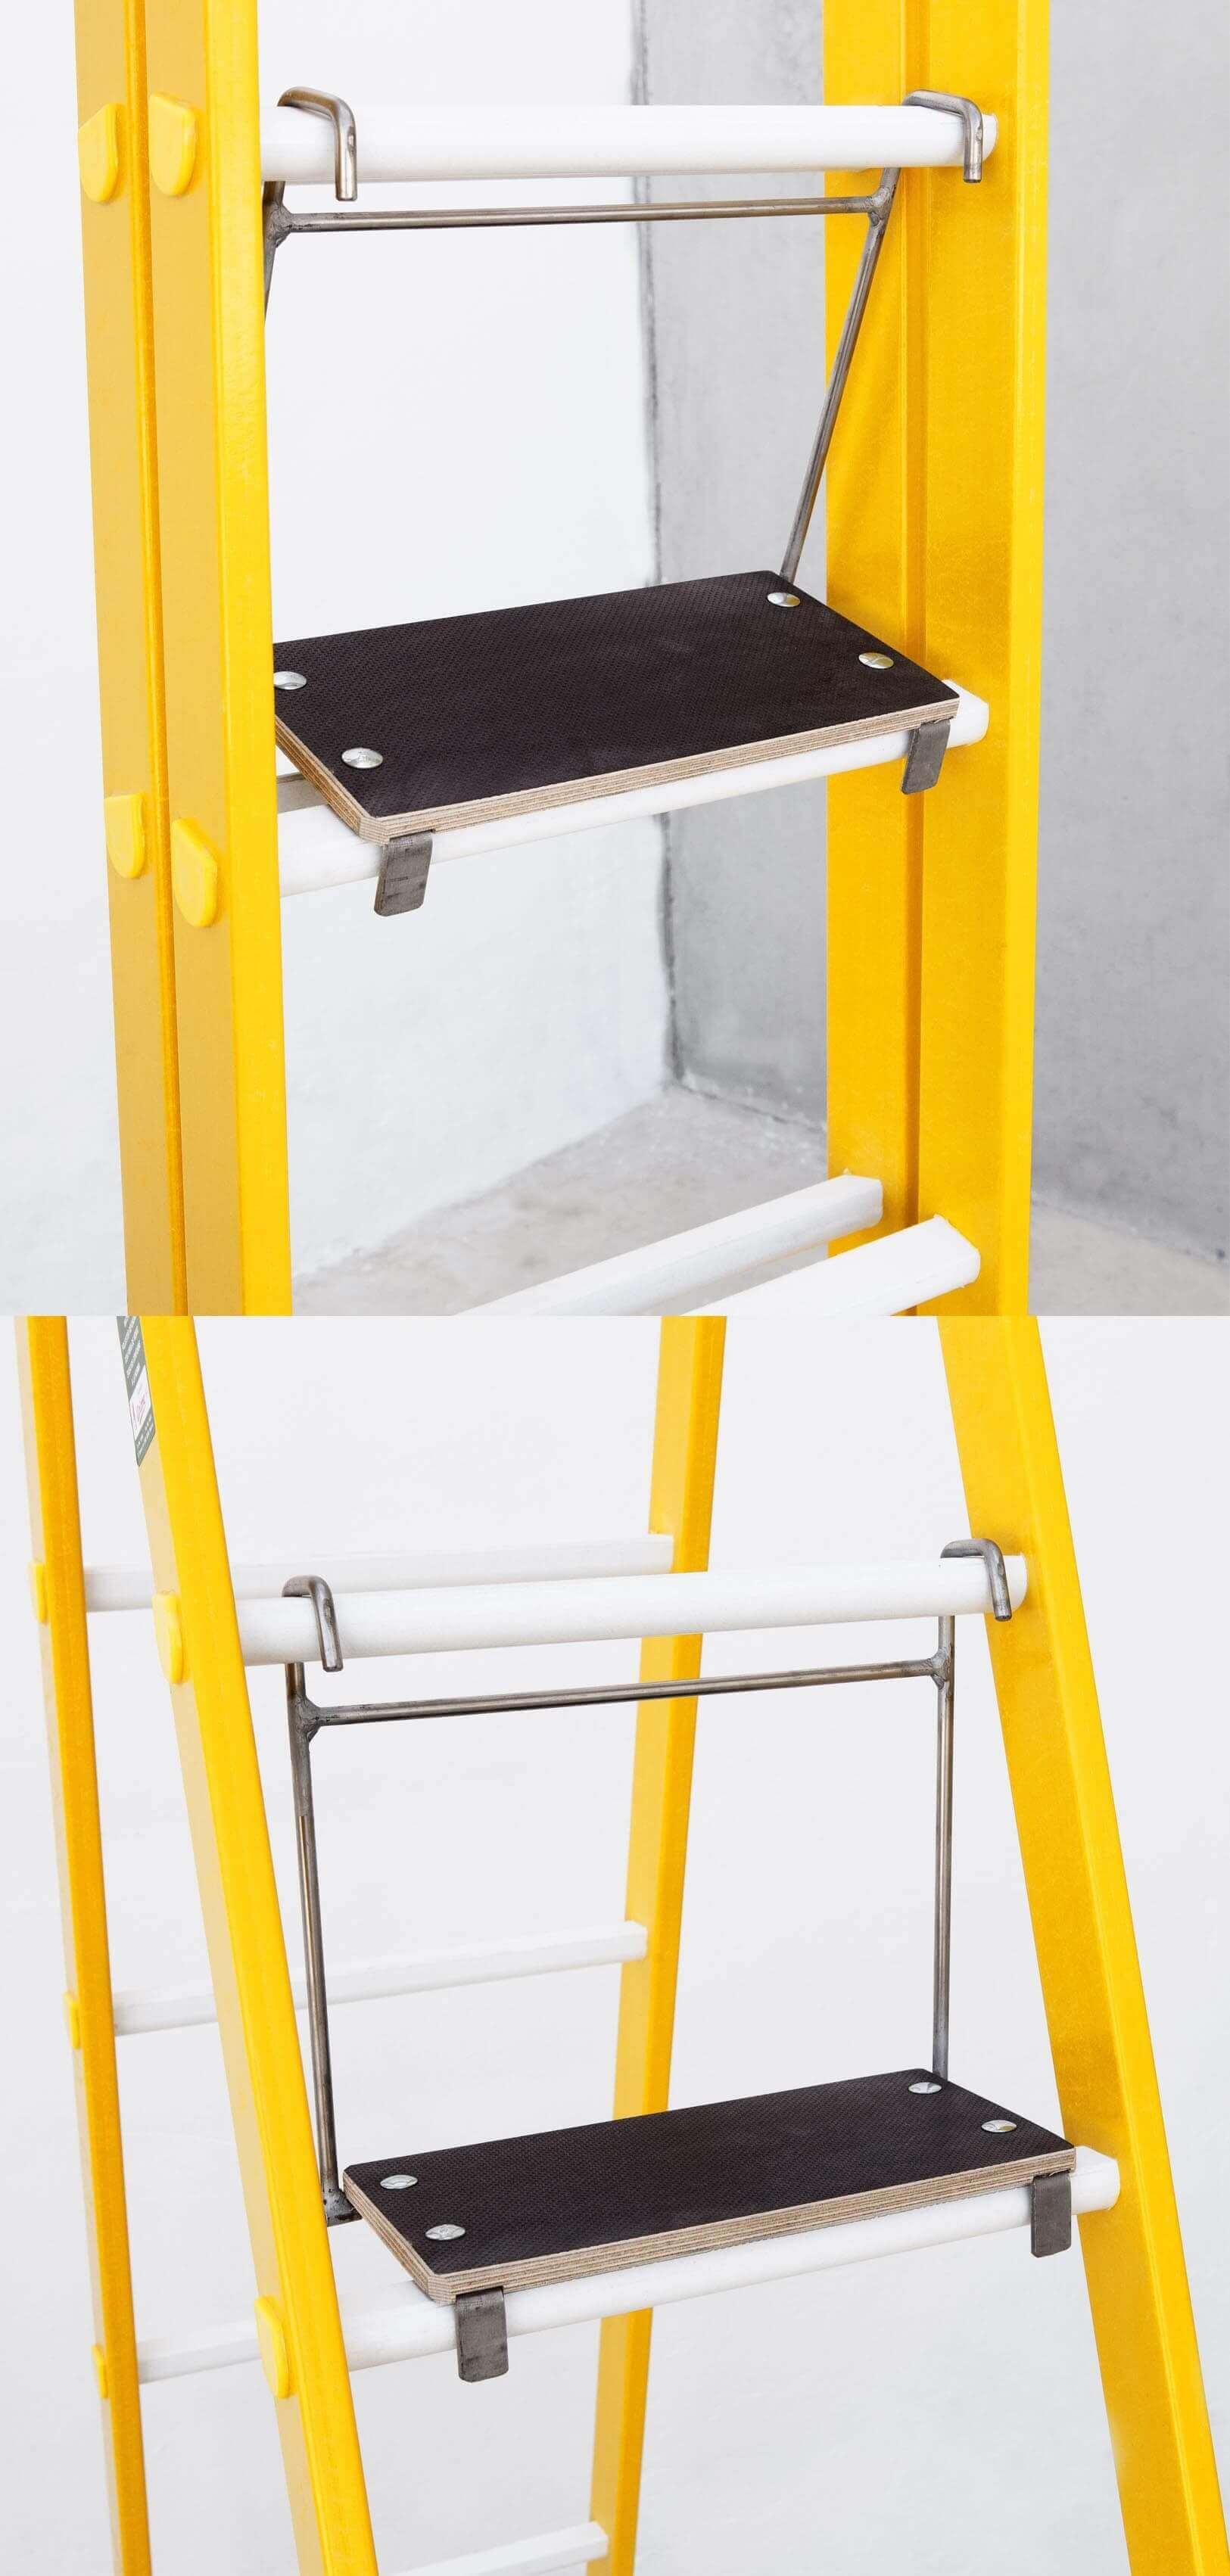 Plataforma portátil de 150mm de huella para escalera